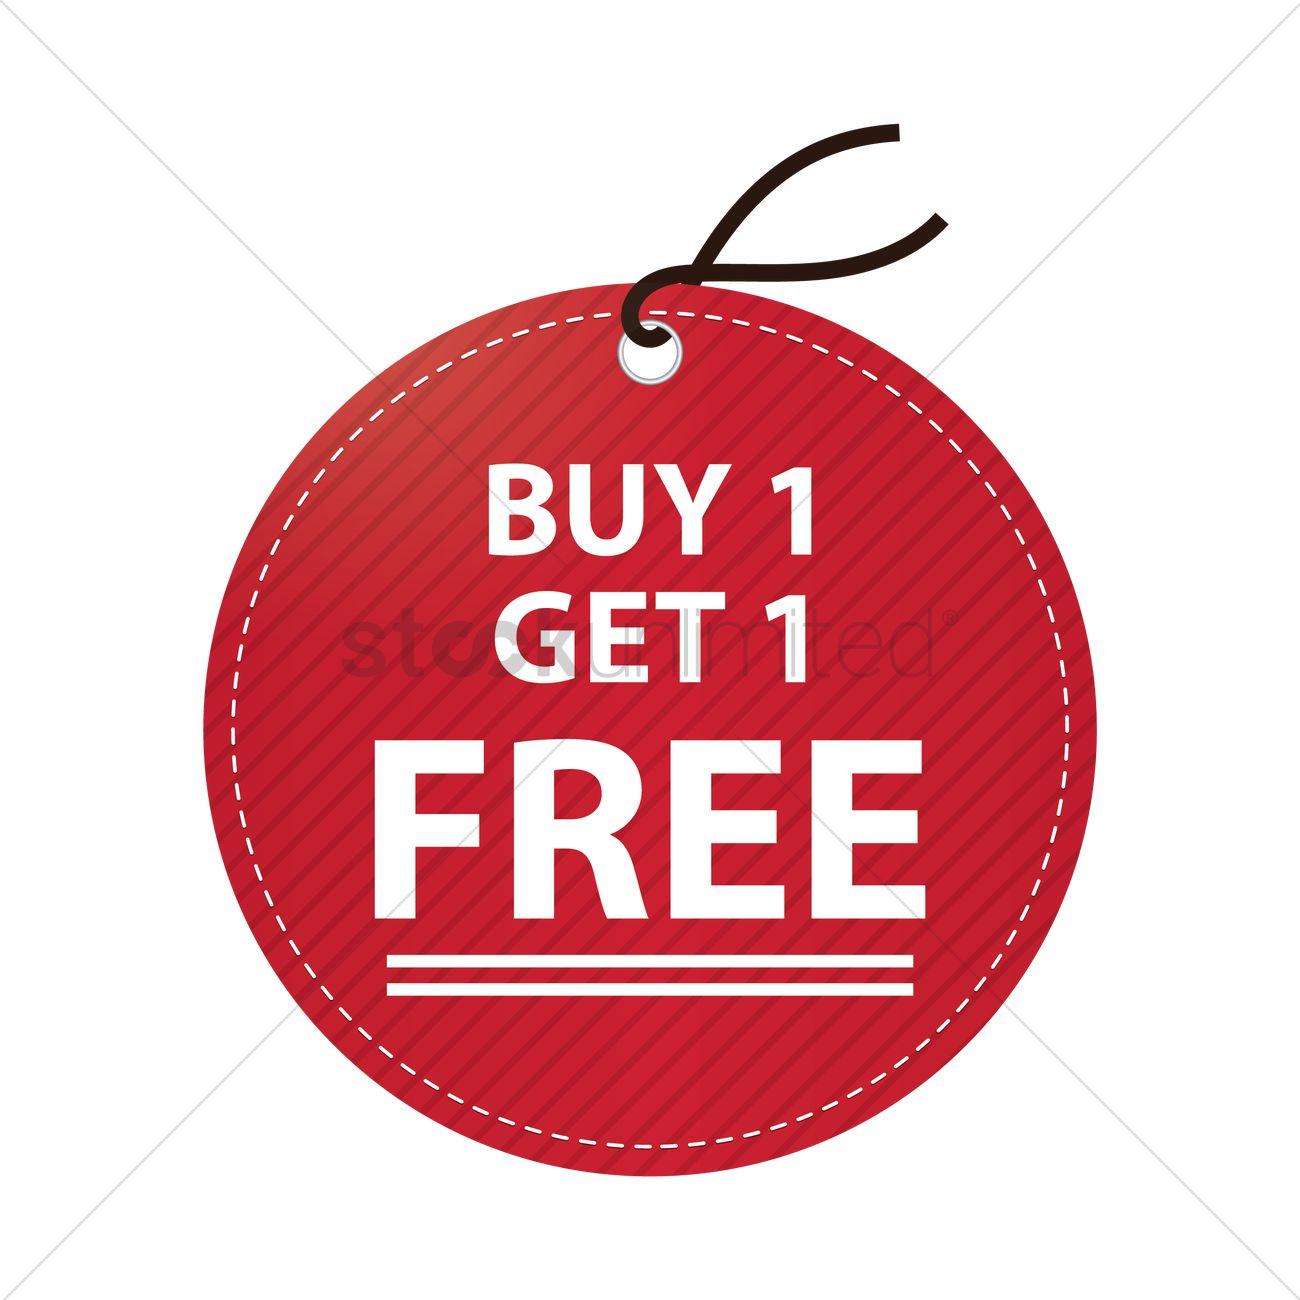 Buy One Get One: Free Buy One Get One Free Tag Vector Image